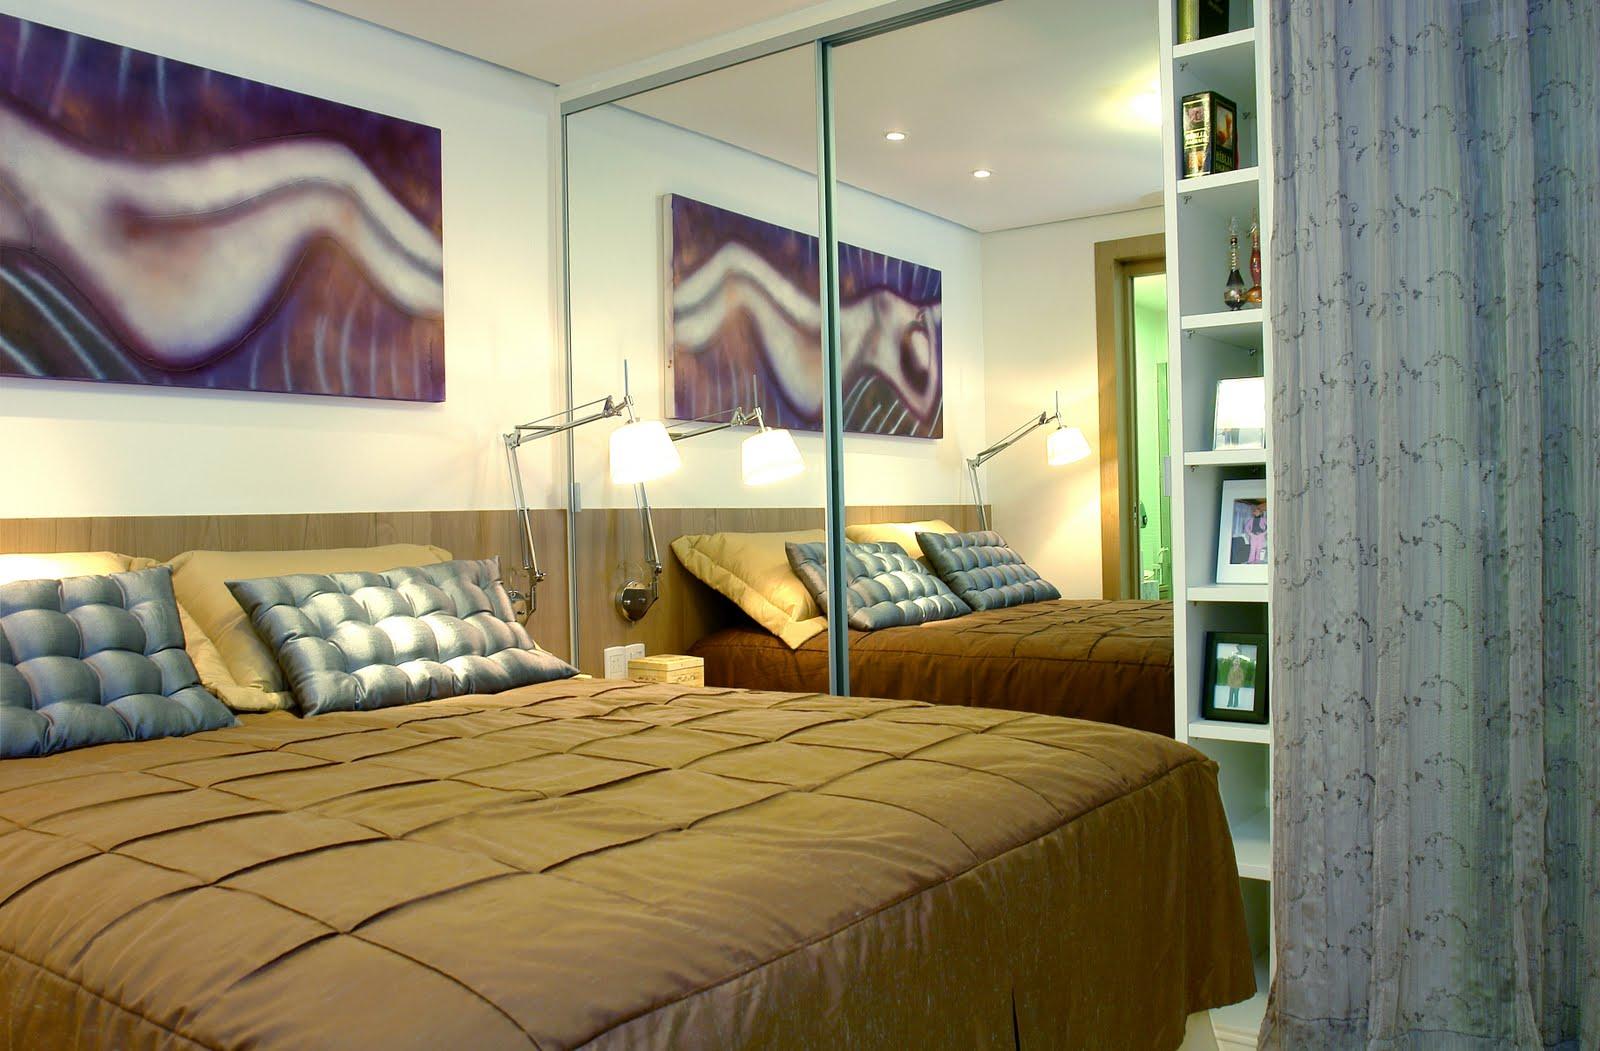 Imagens de #654629 art & design Decoração de interiores Projetos: Julho 2011 1600x1051 px 3666 Banheiros Separados Casal